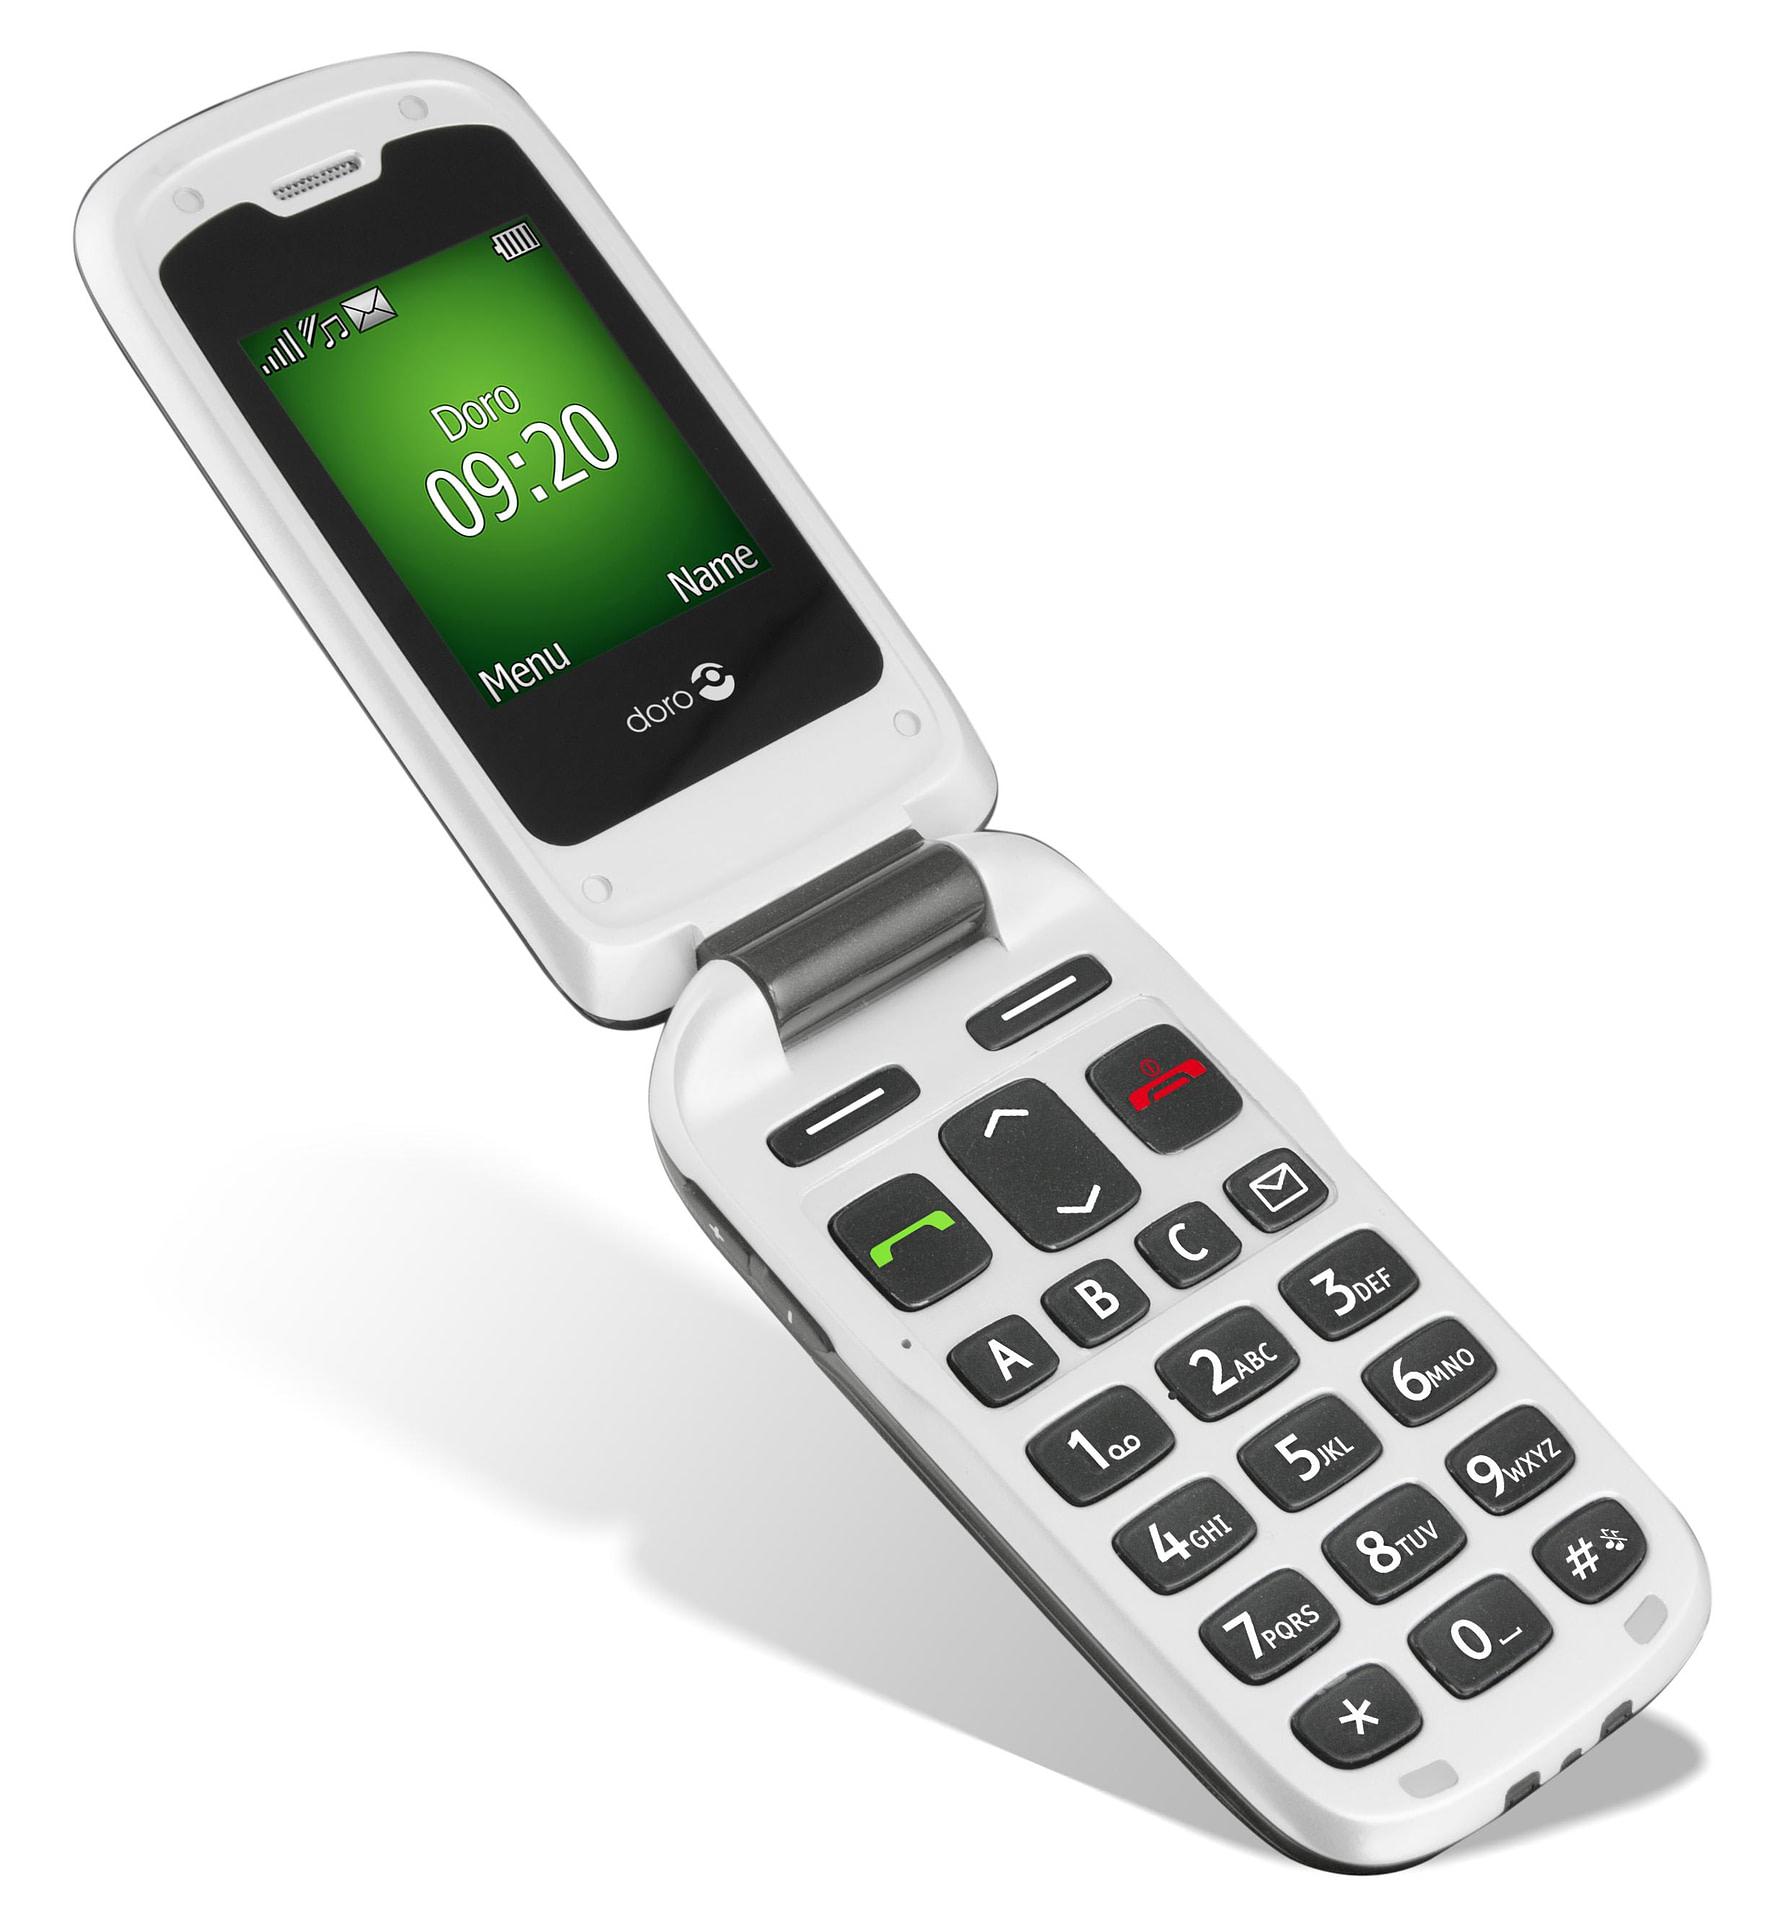 doro phoneeasy 605 mobil telefon til ældre